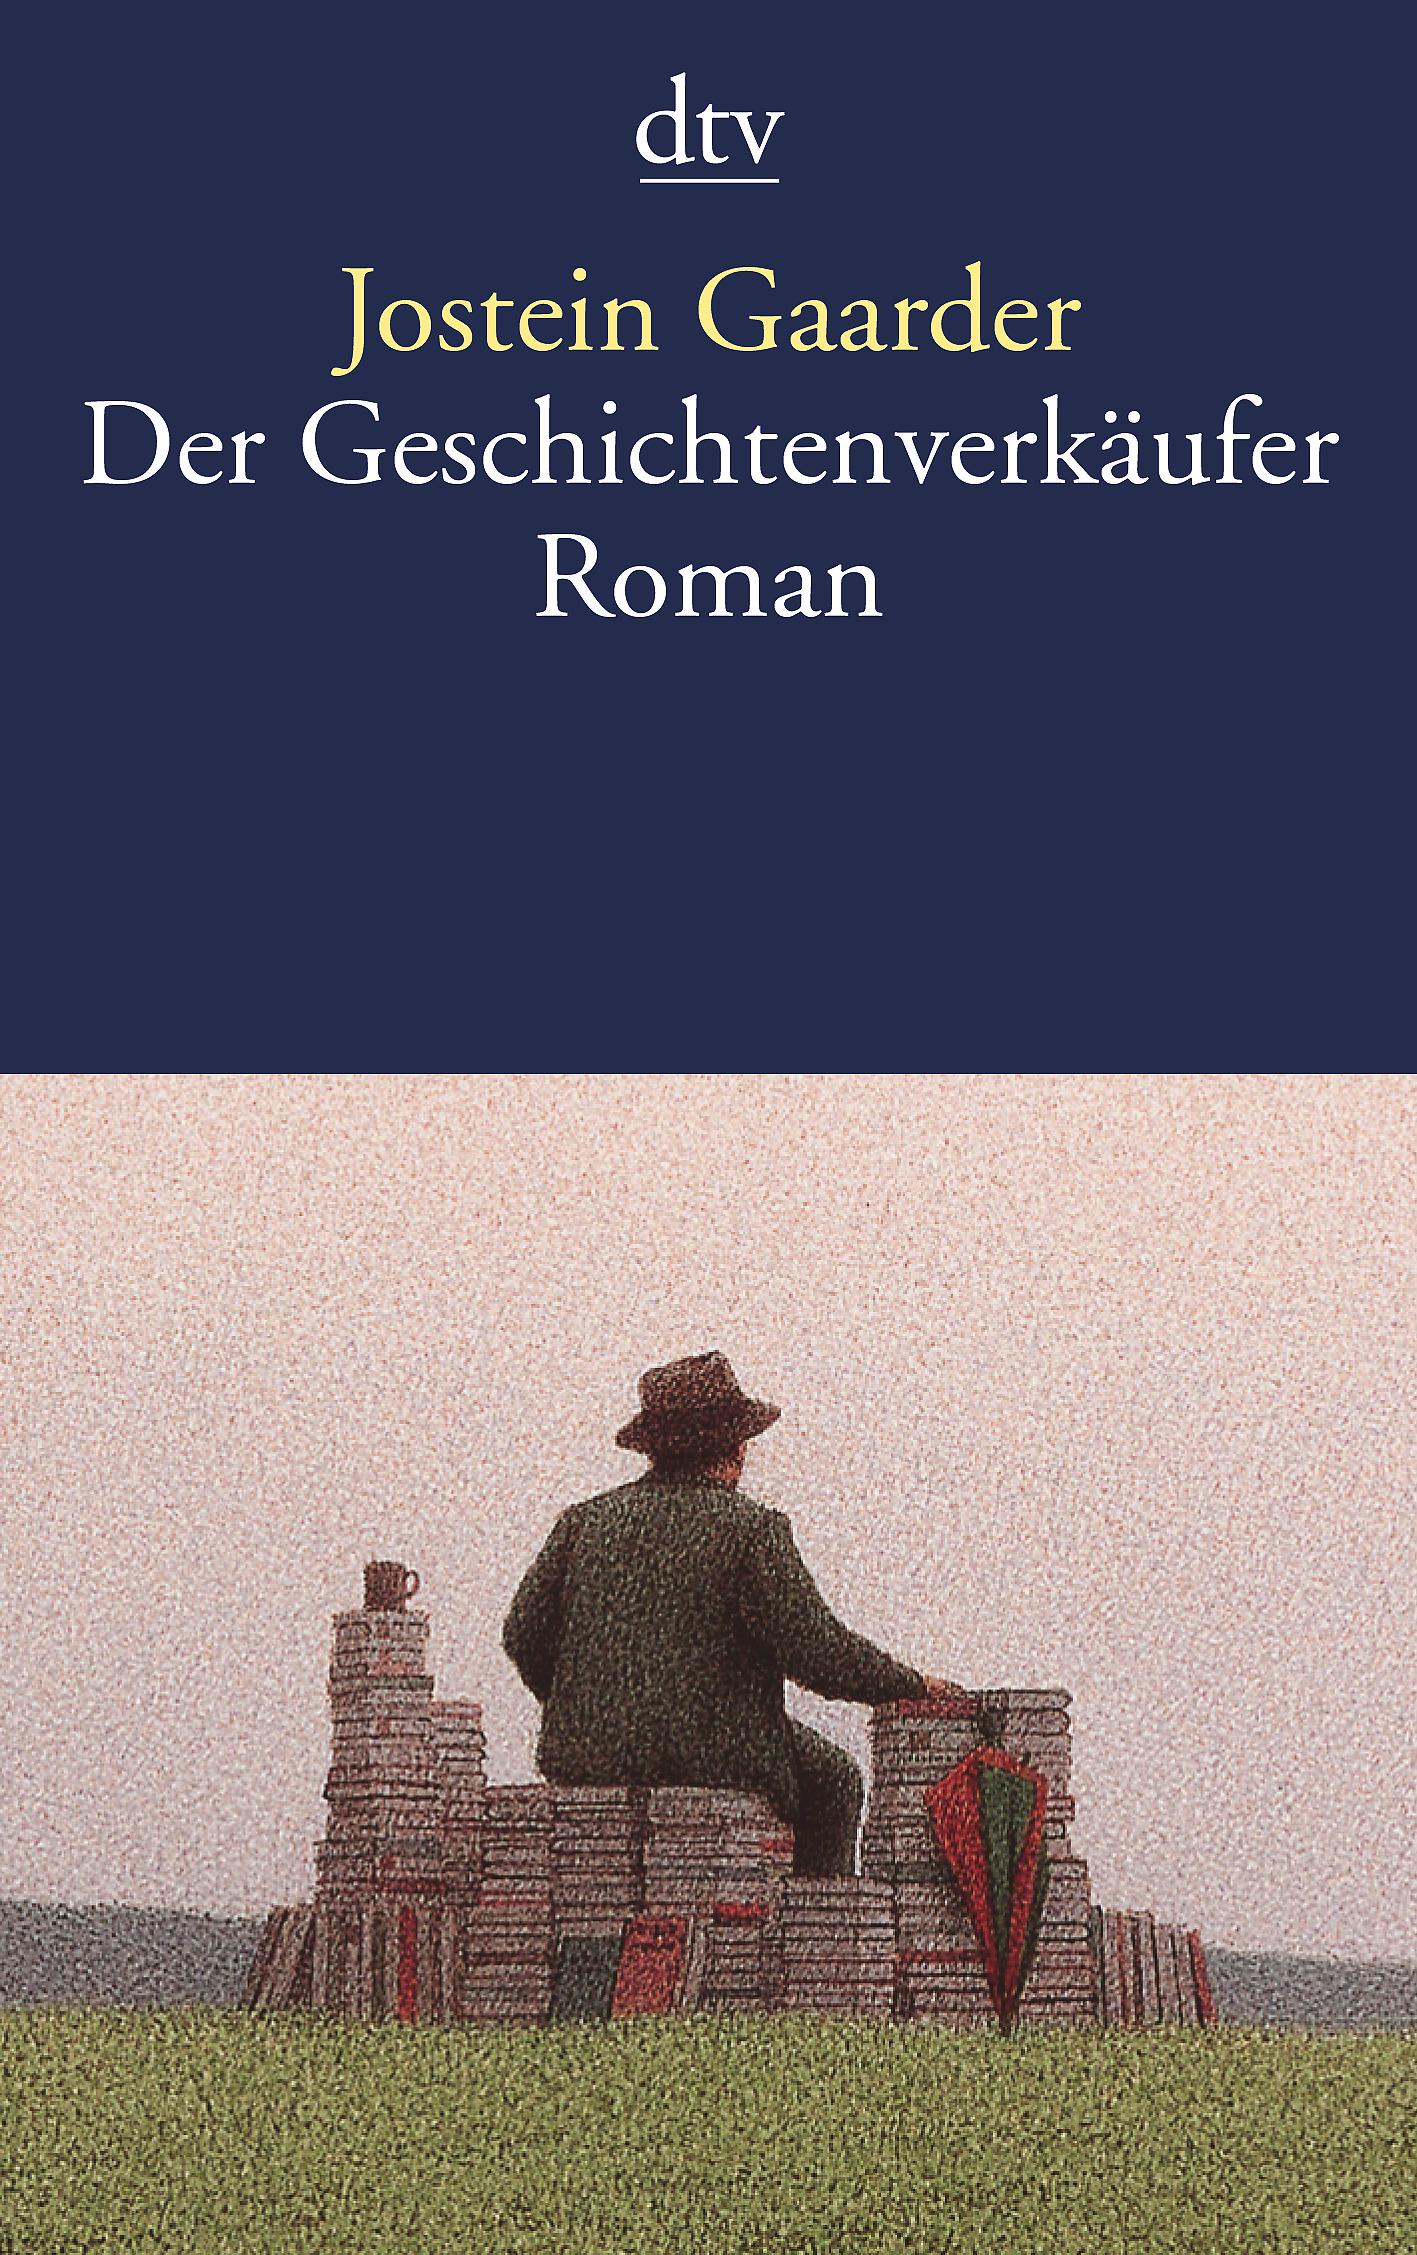 Der Geschichtenverkäufer: Jostein Gaarder